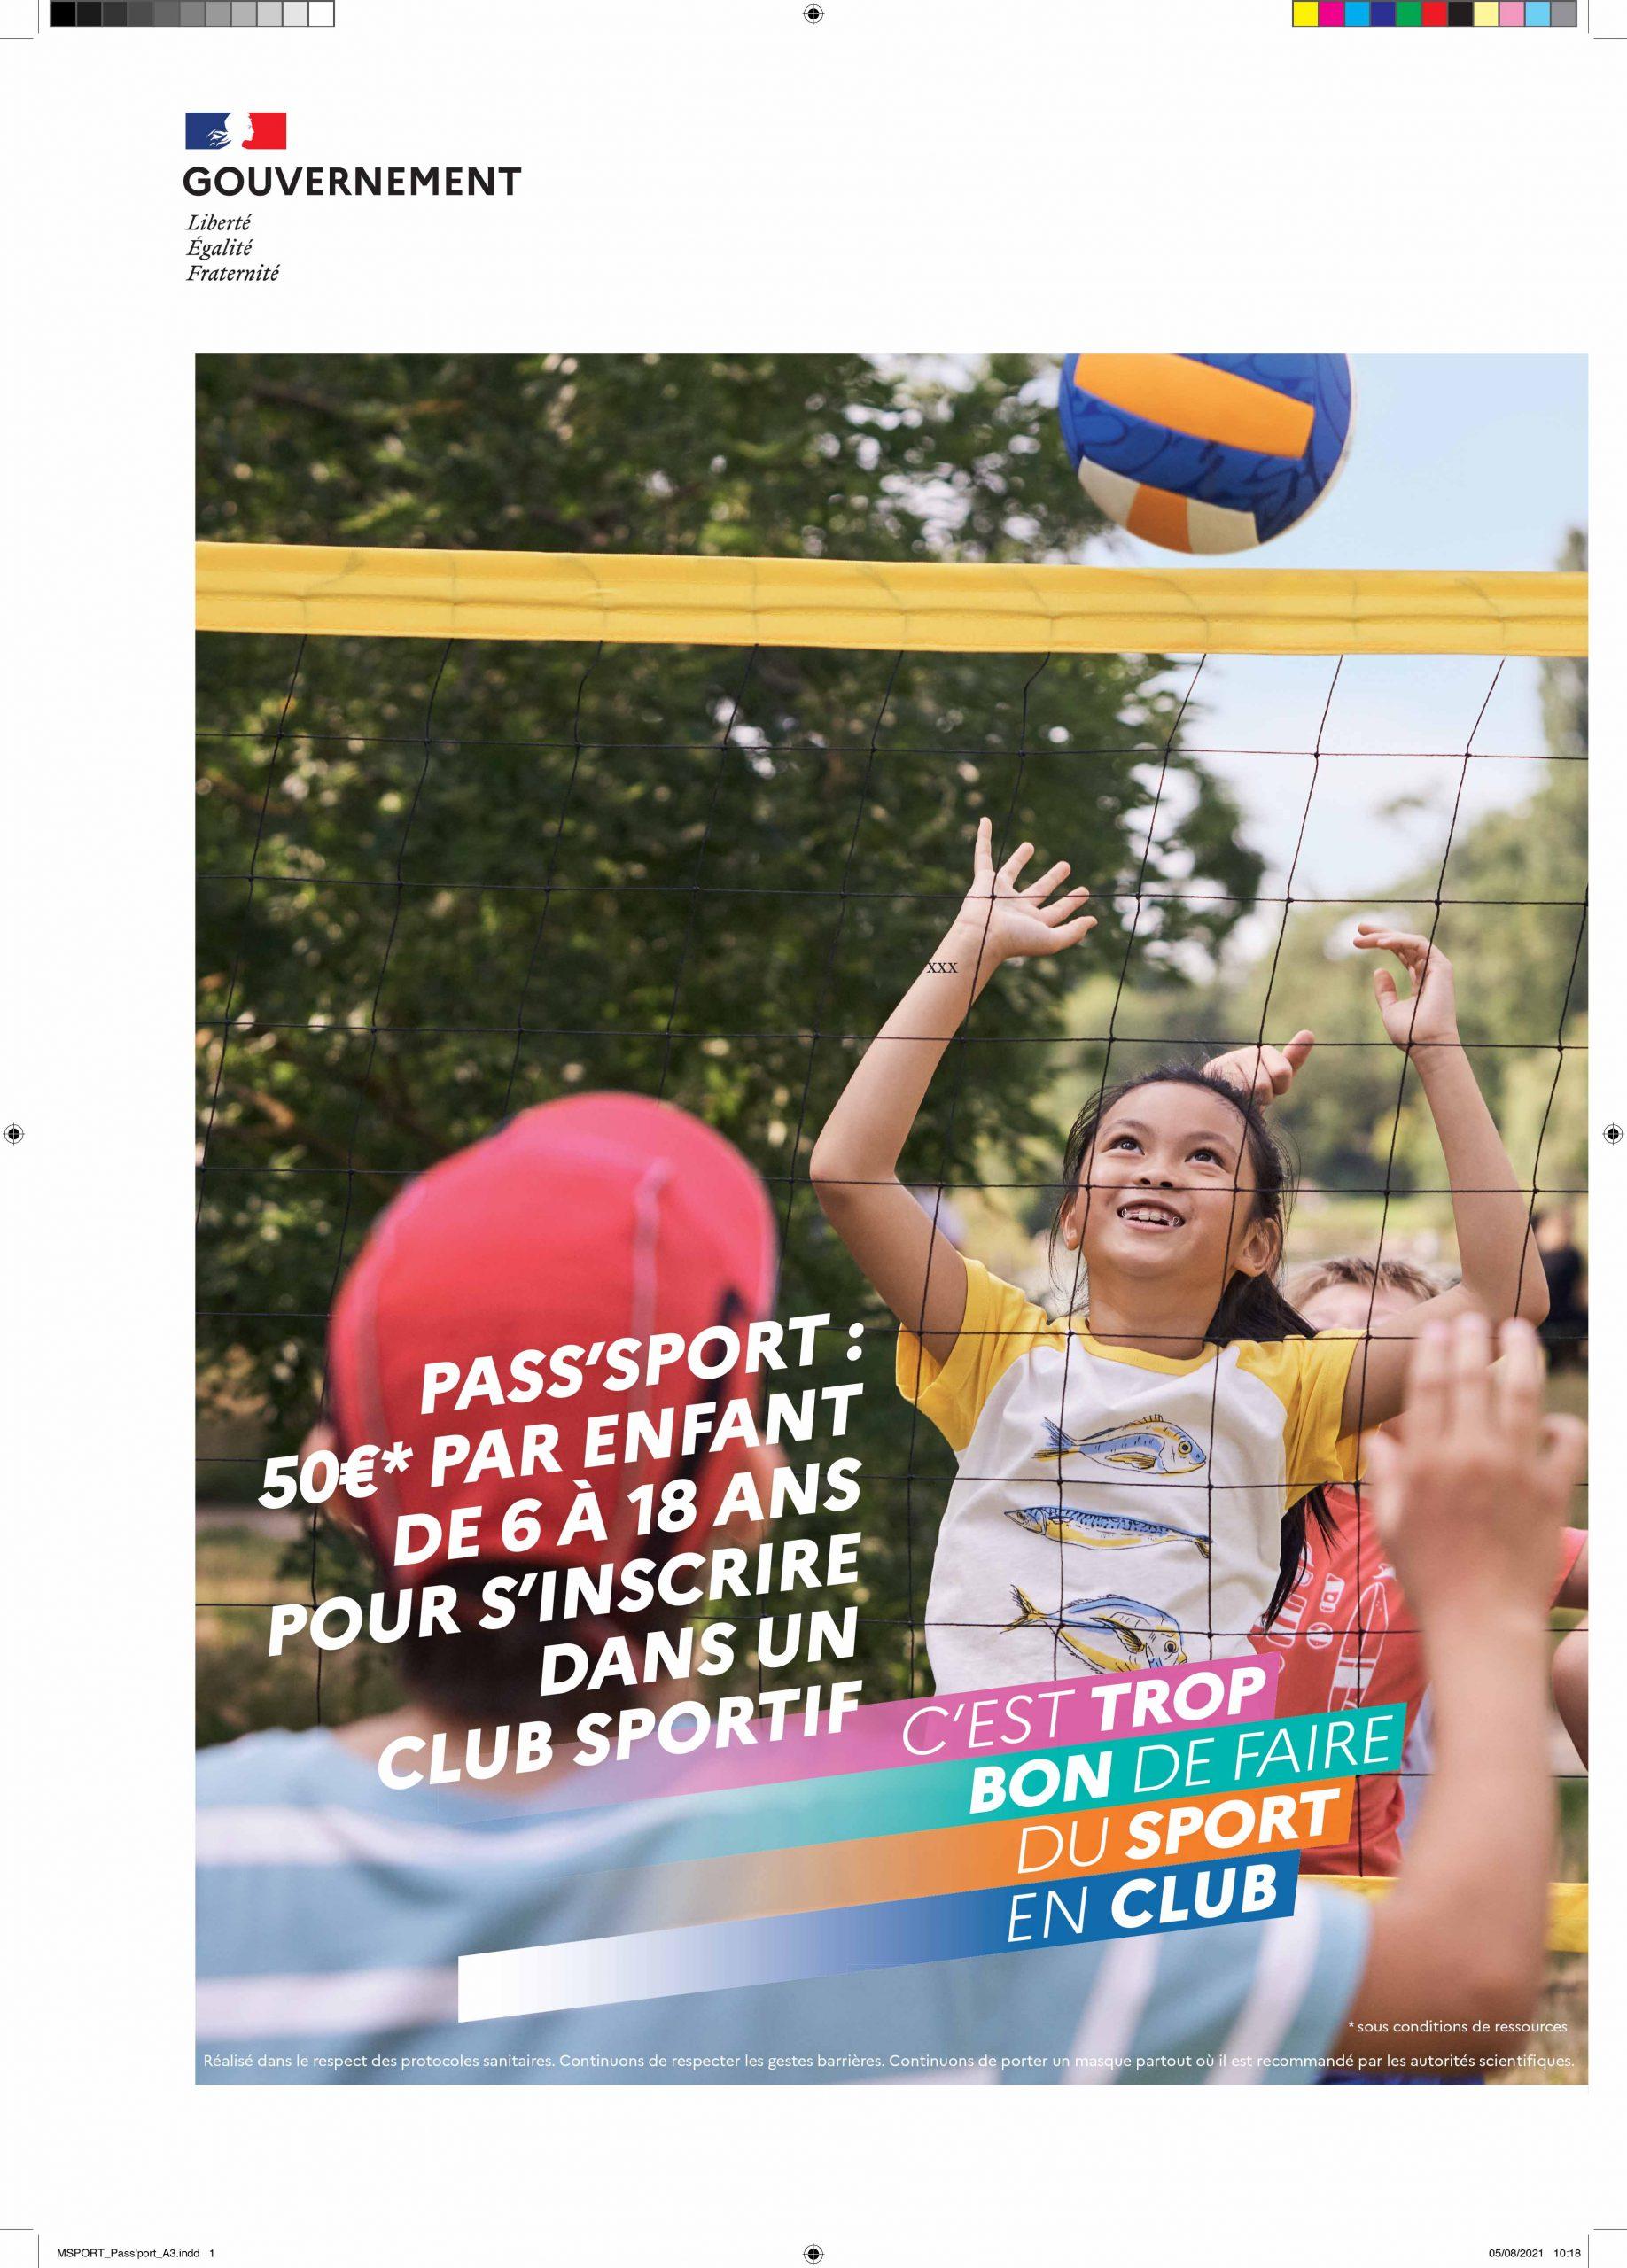 Rentrée sportive & Pass'Sport : Message du ministère chargé des sports